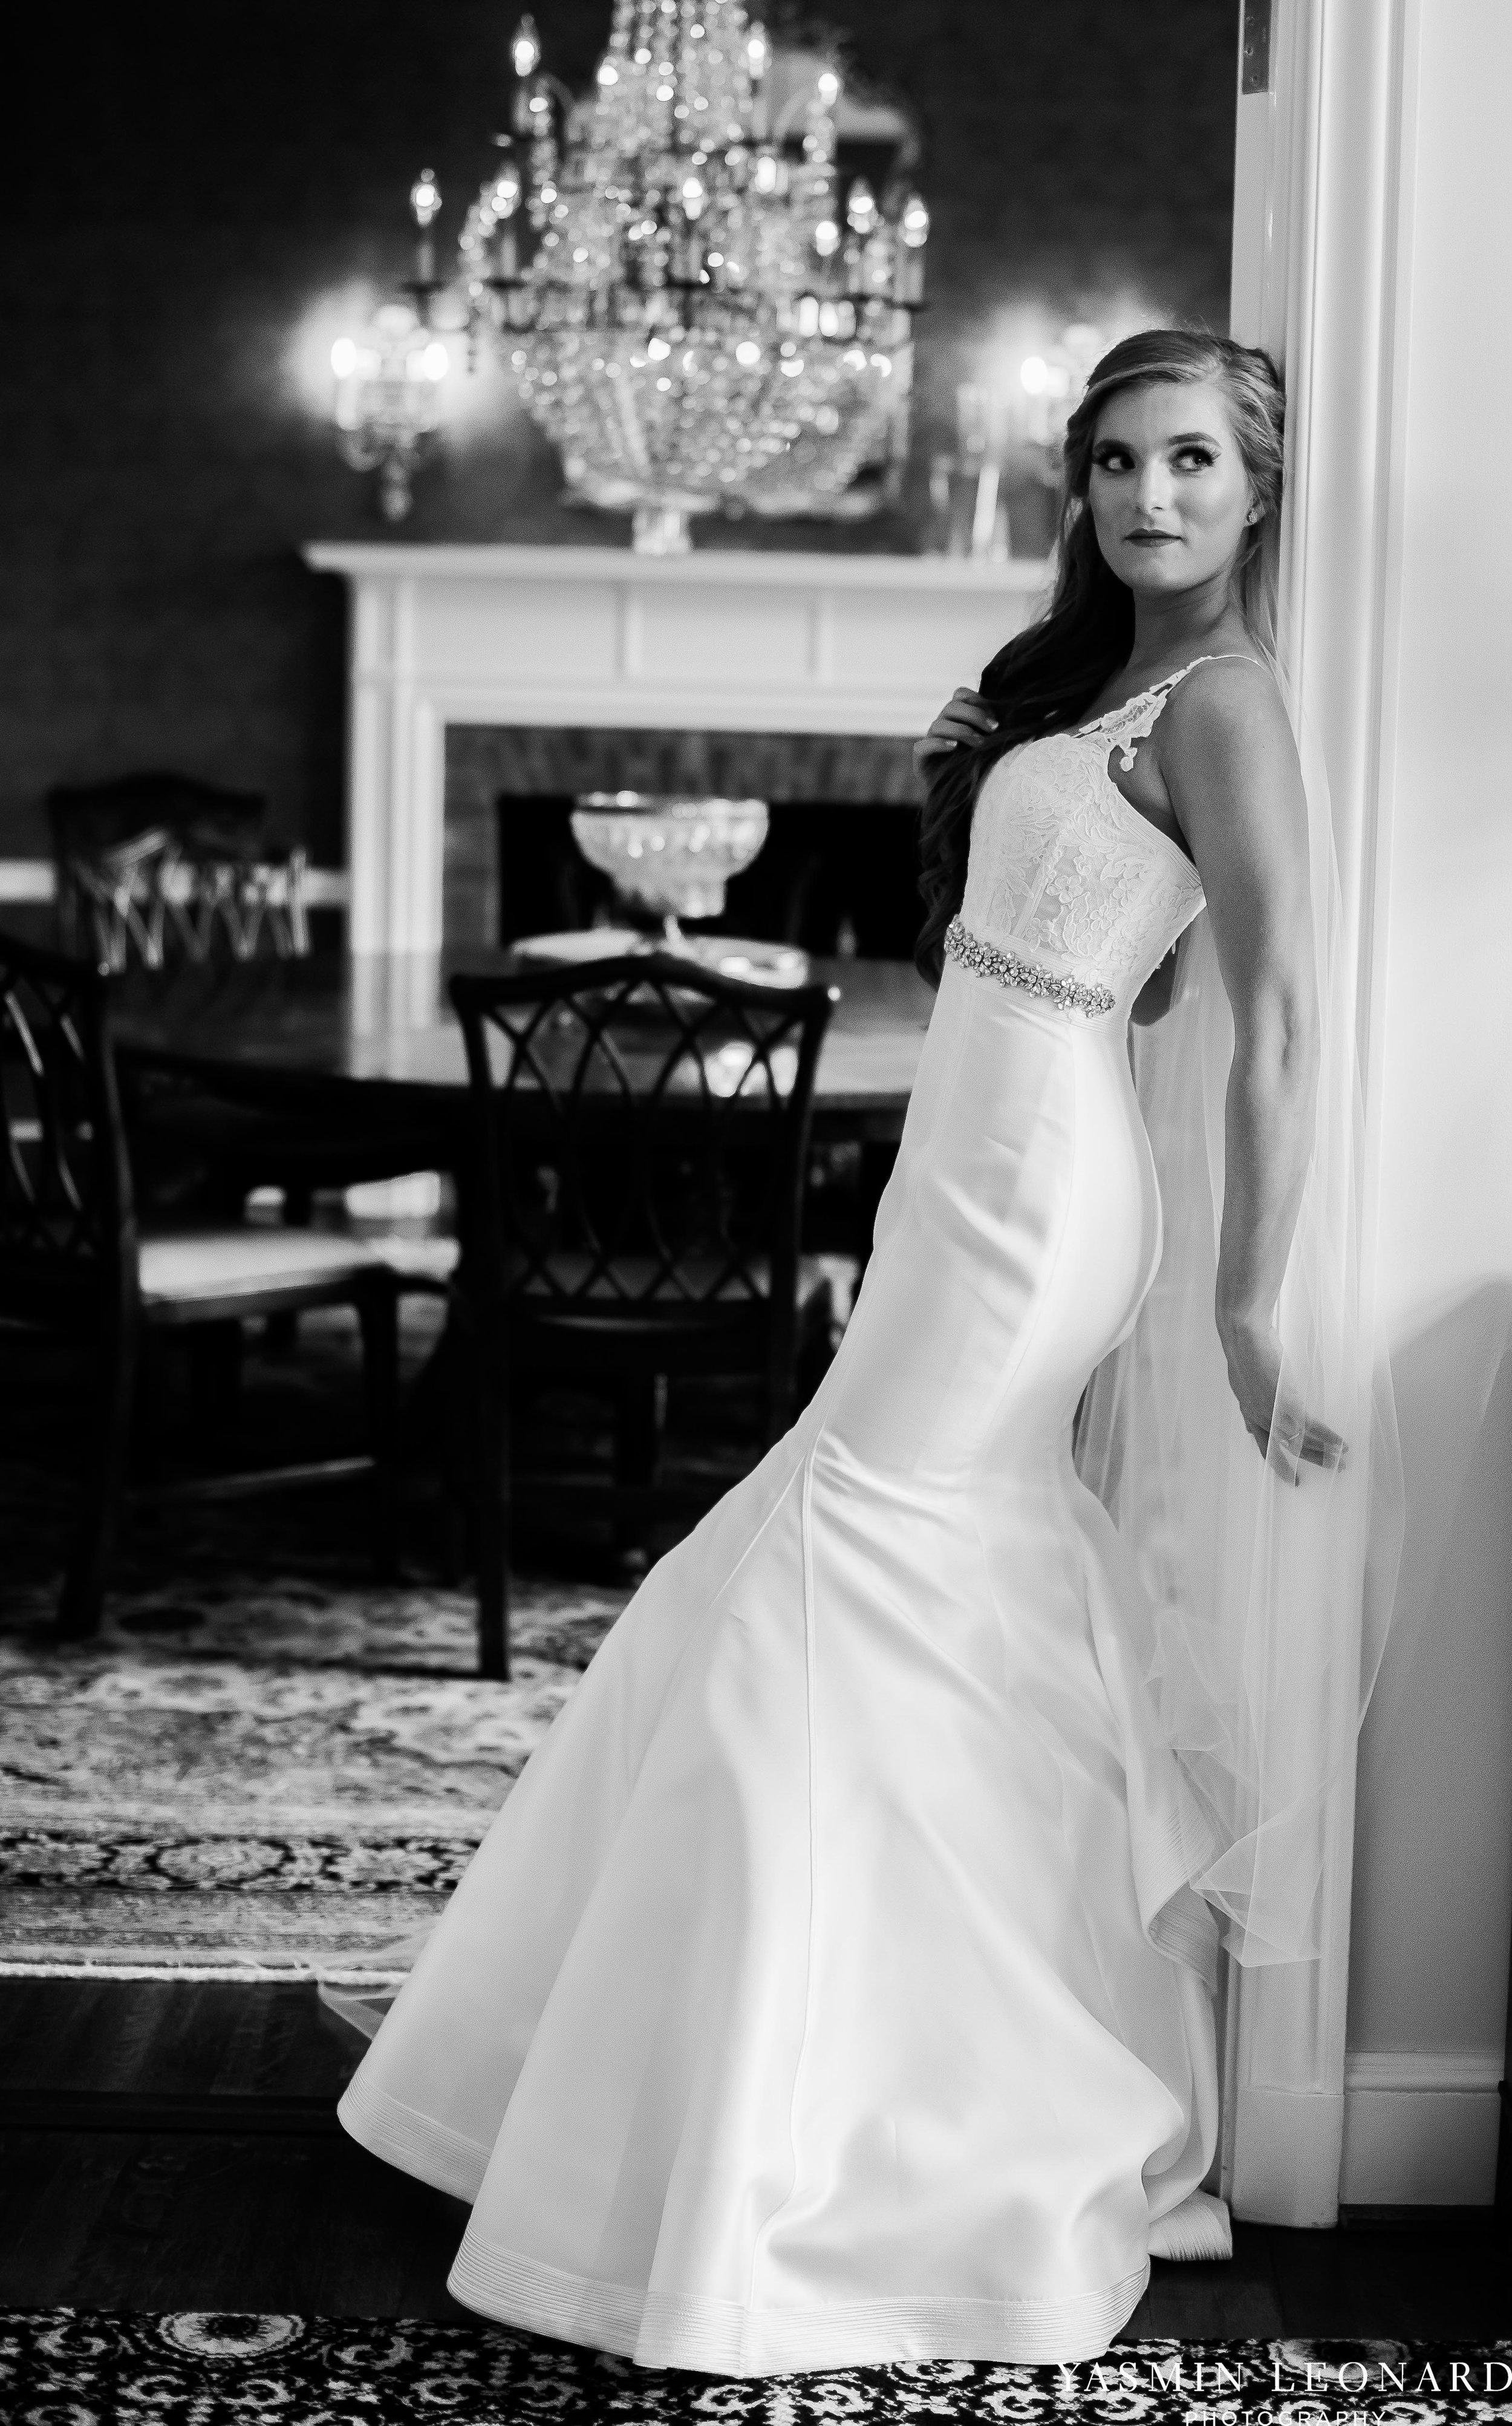 Boxwood Estate - Boxwood Estate Wedding - Luxury Wedding - Black and White Wedding - NC Wedding Venues - NC Weddings - NC Photographer - Lantern Release Grand Exit - Large Wedding Party - Yasmin Leonard Photography-17.jpg